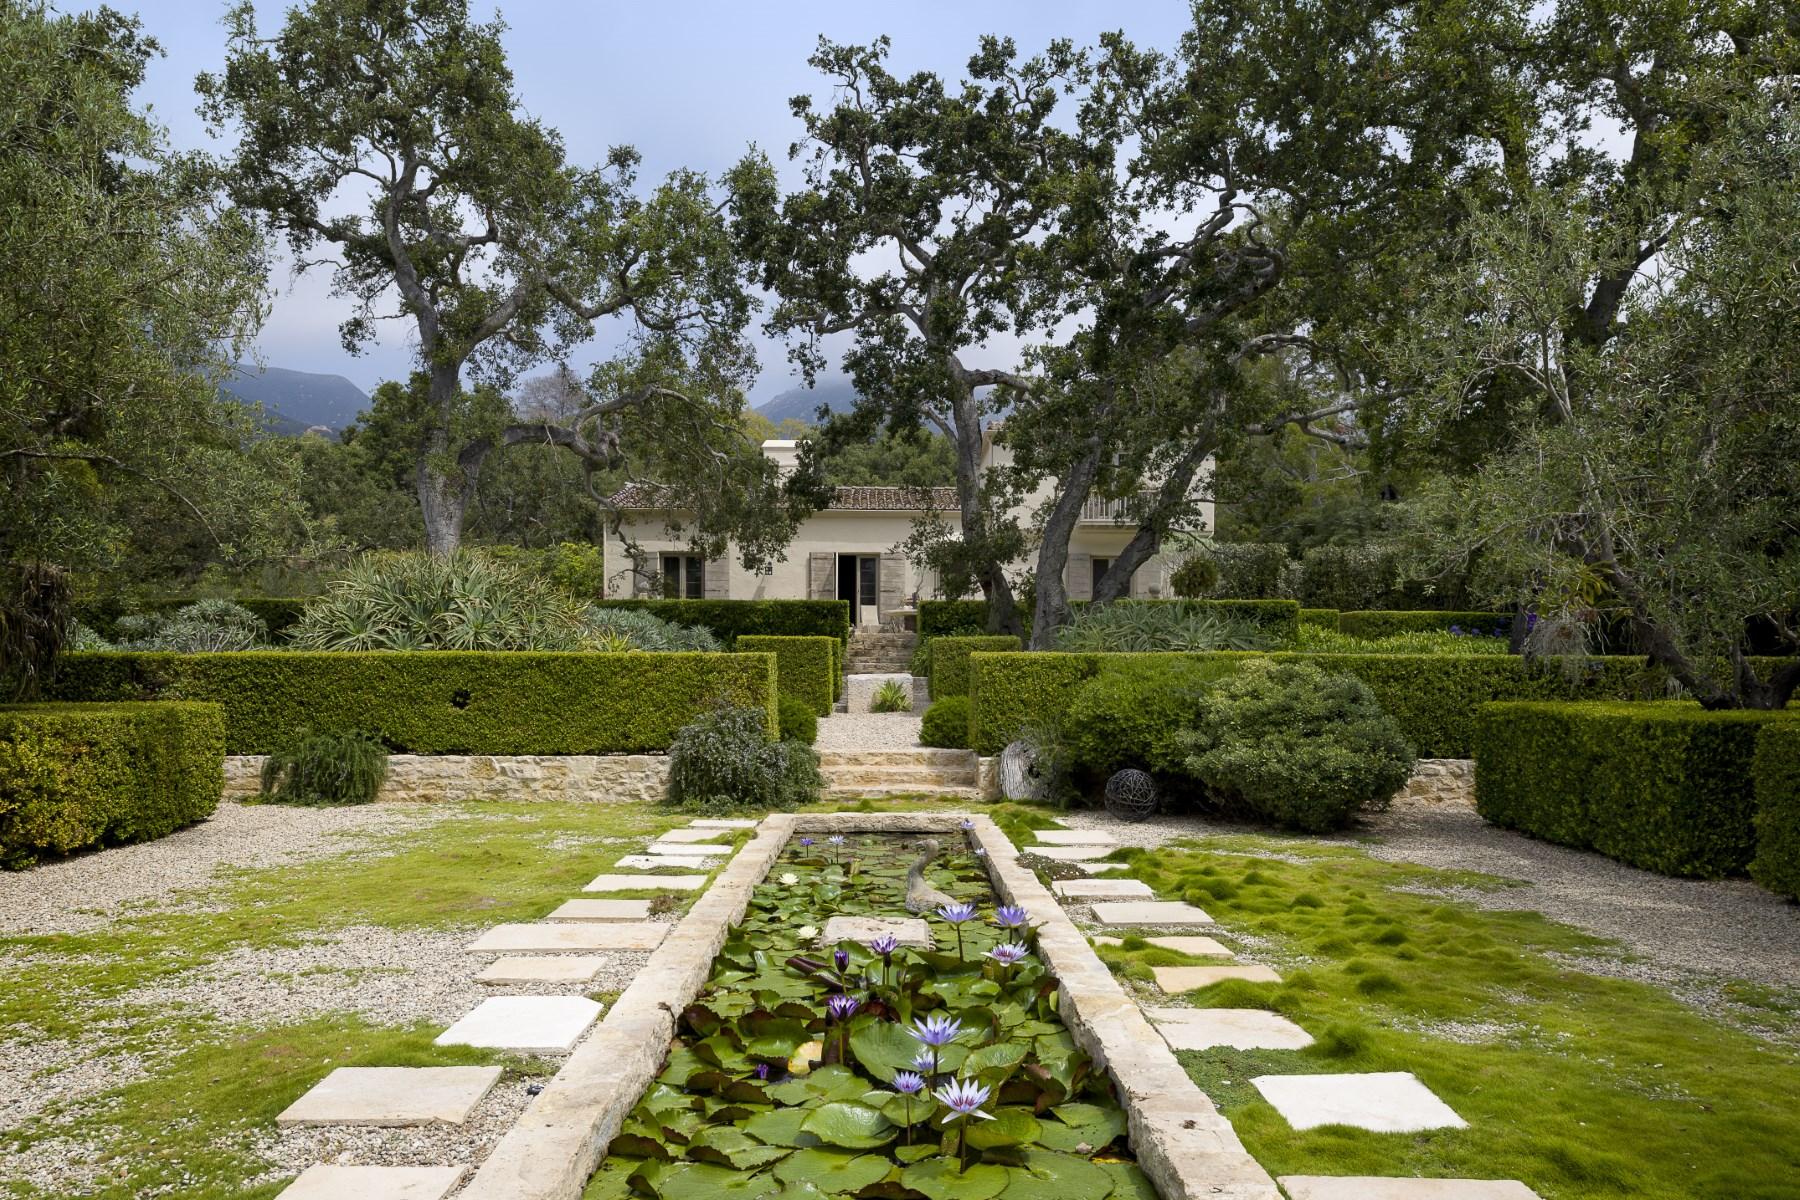 Частный односемейный дом для того Продажа на Montecito Pied-A-Terre 655 El Bosque Road Montecito - Upper Village, Montecito, Калифорния, 93108 Соединенные Штаты